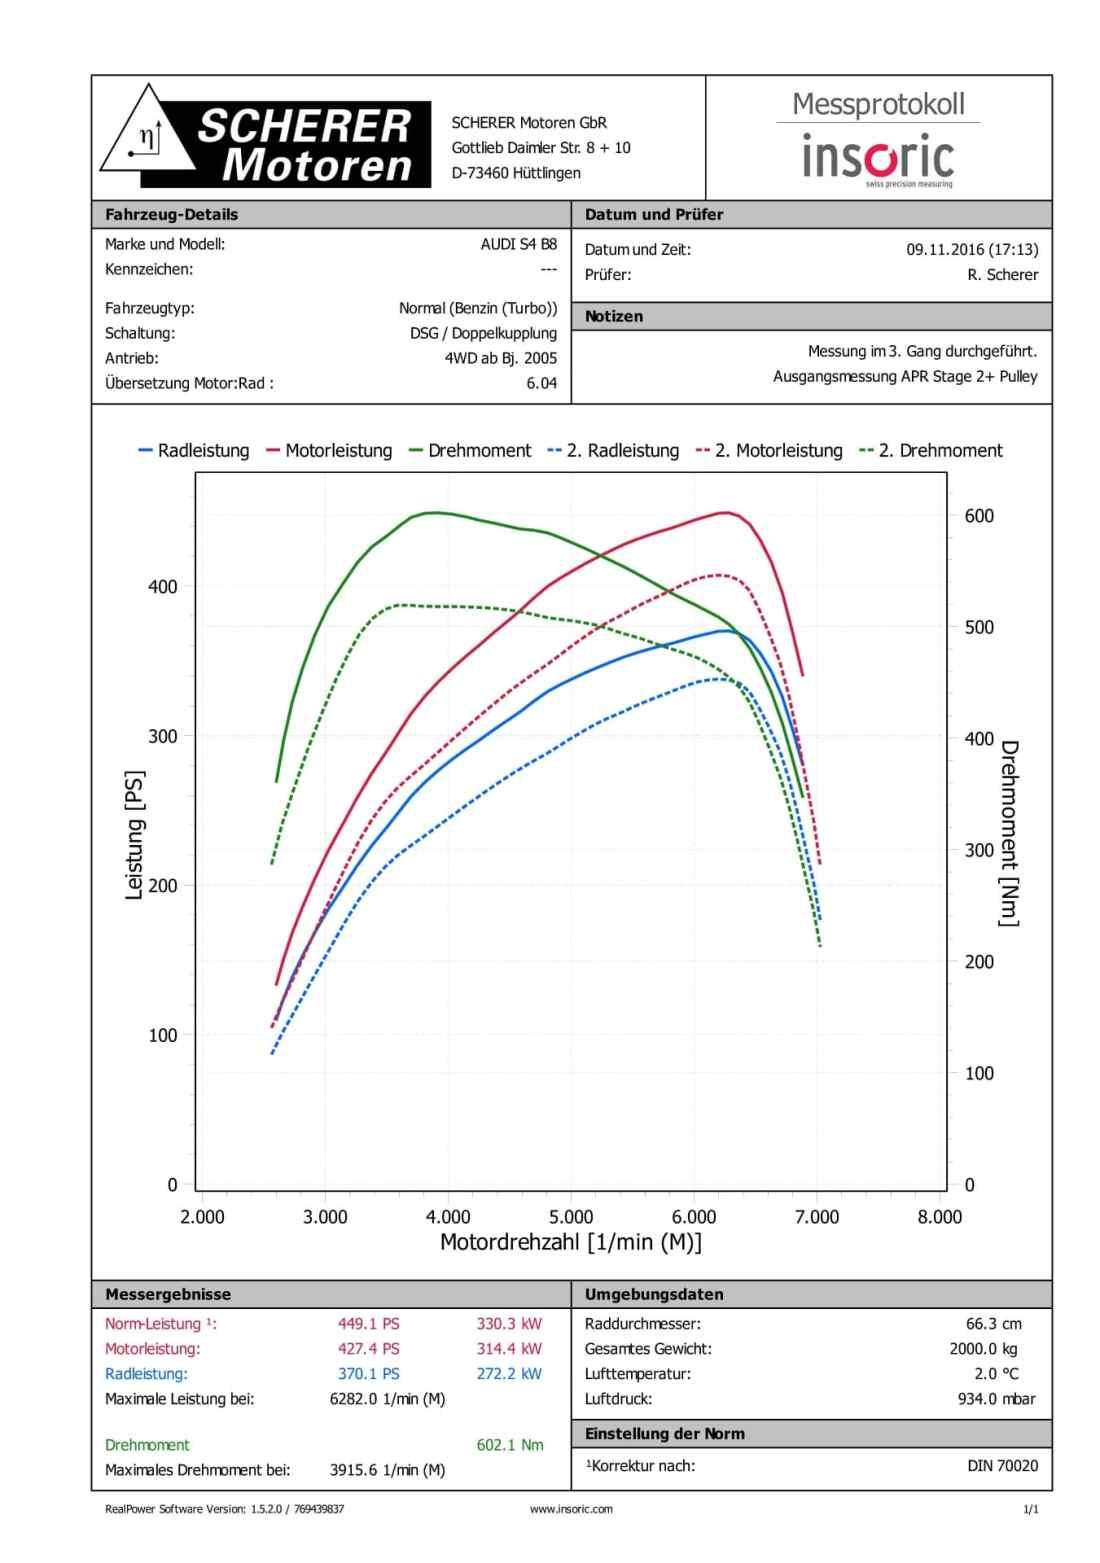 SCHERER Motoren GbR - Insoric Diagramm Audi S4 B8 APR Stage 2+